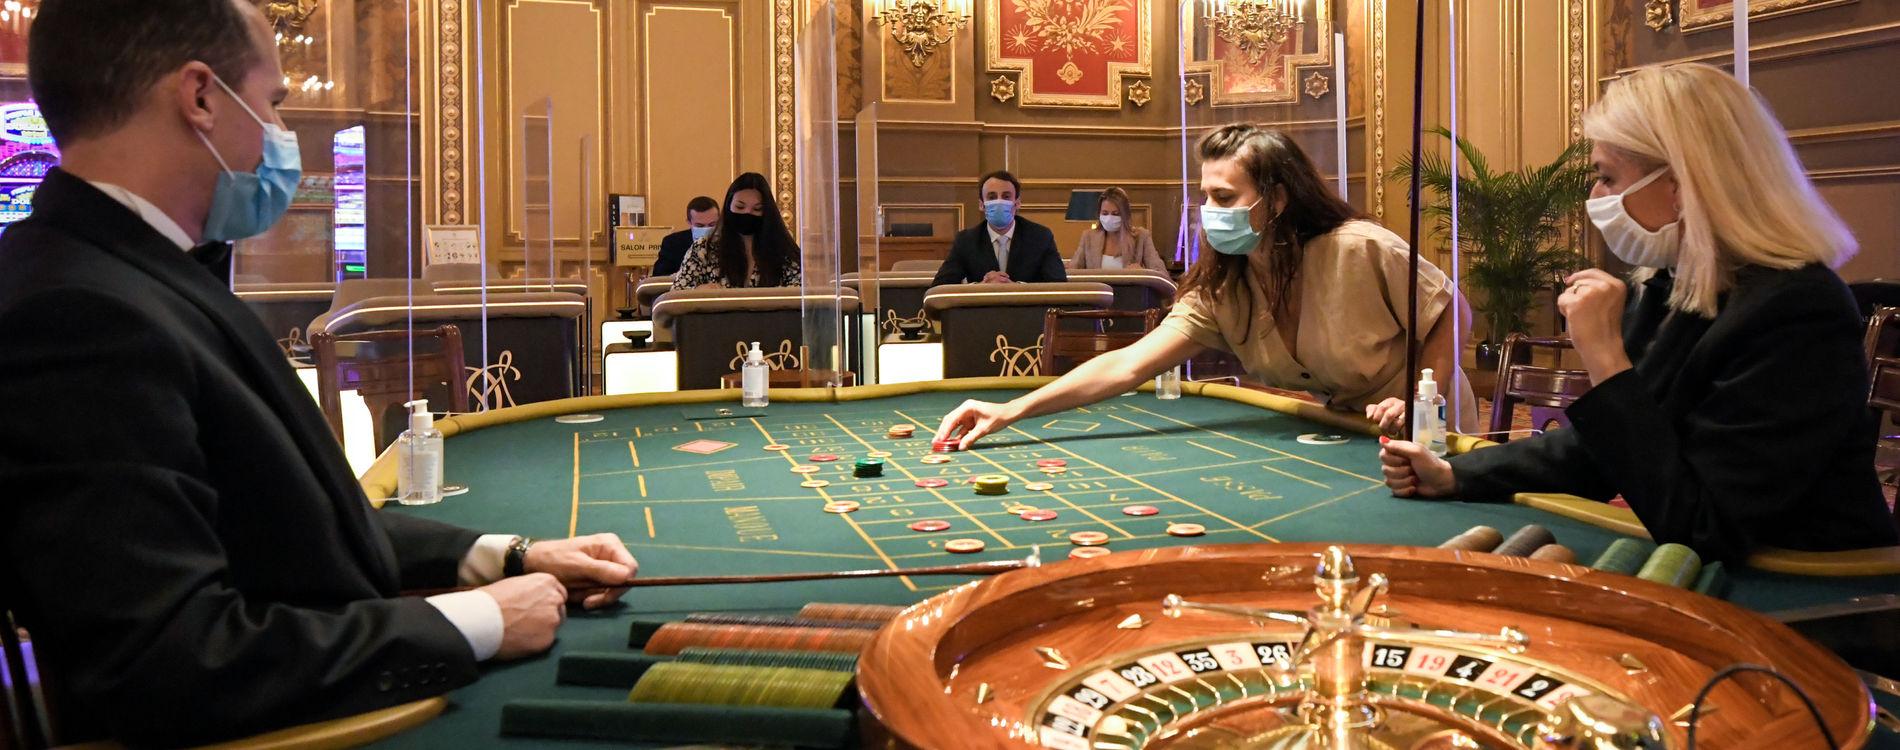 The French Live Roulette at the Casino de Monte-Carlo | Monte-Carlo Société des Bains de Mer